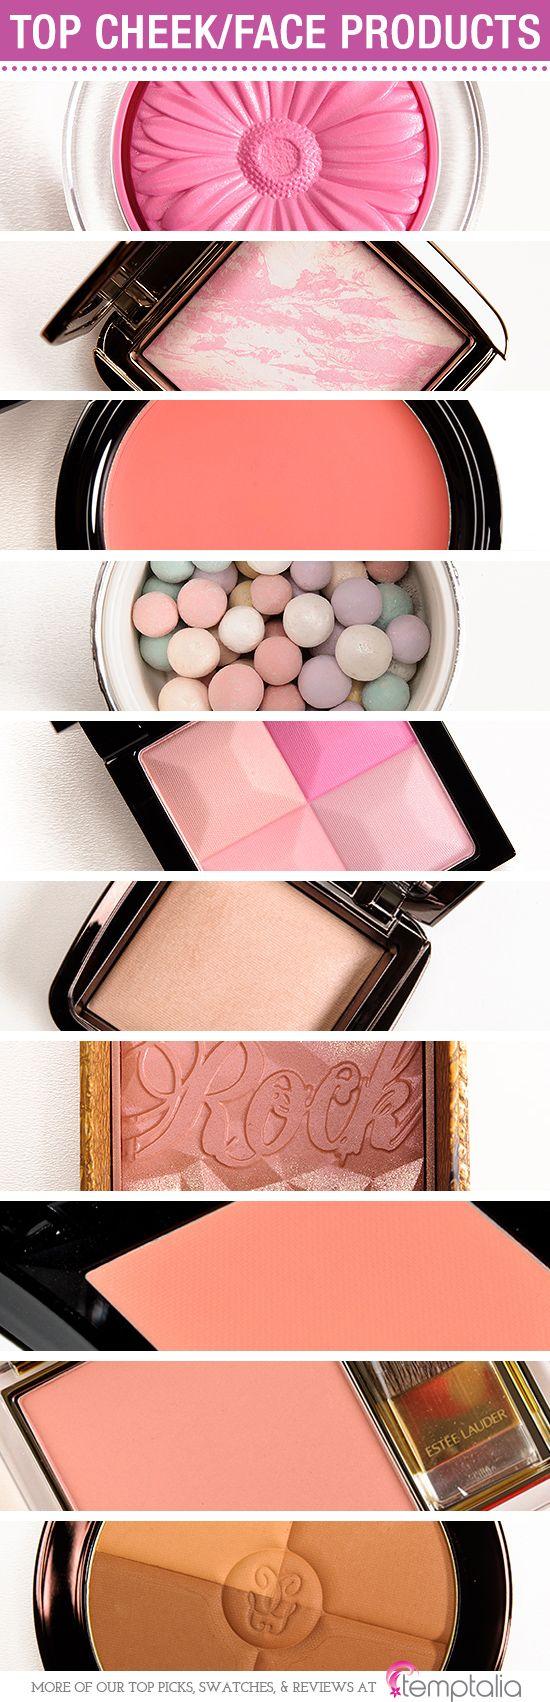 Colorete y maquillaje en polvitos